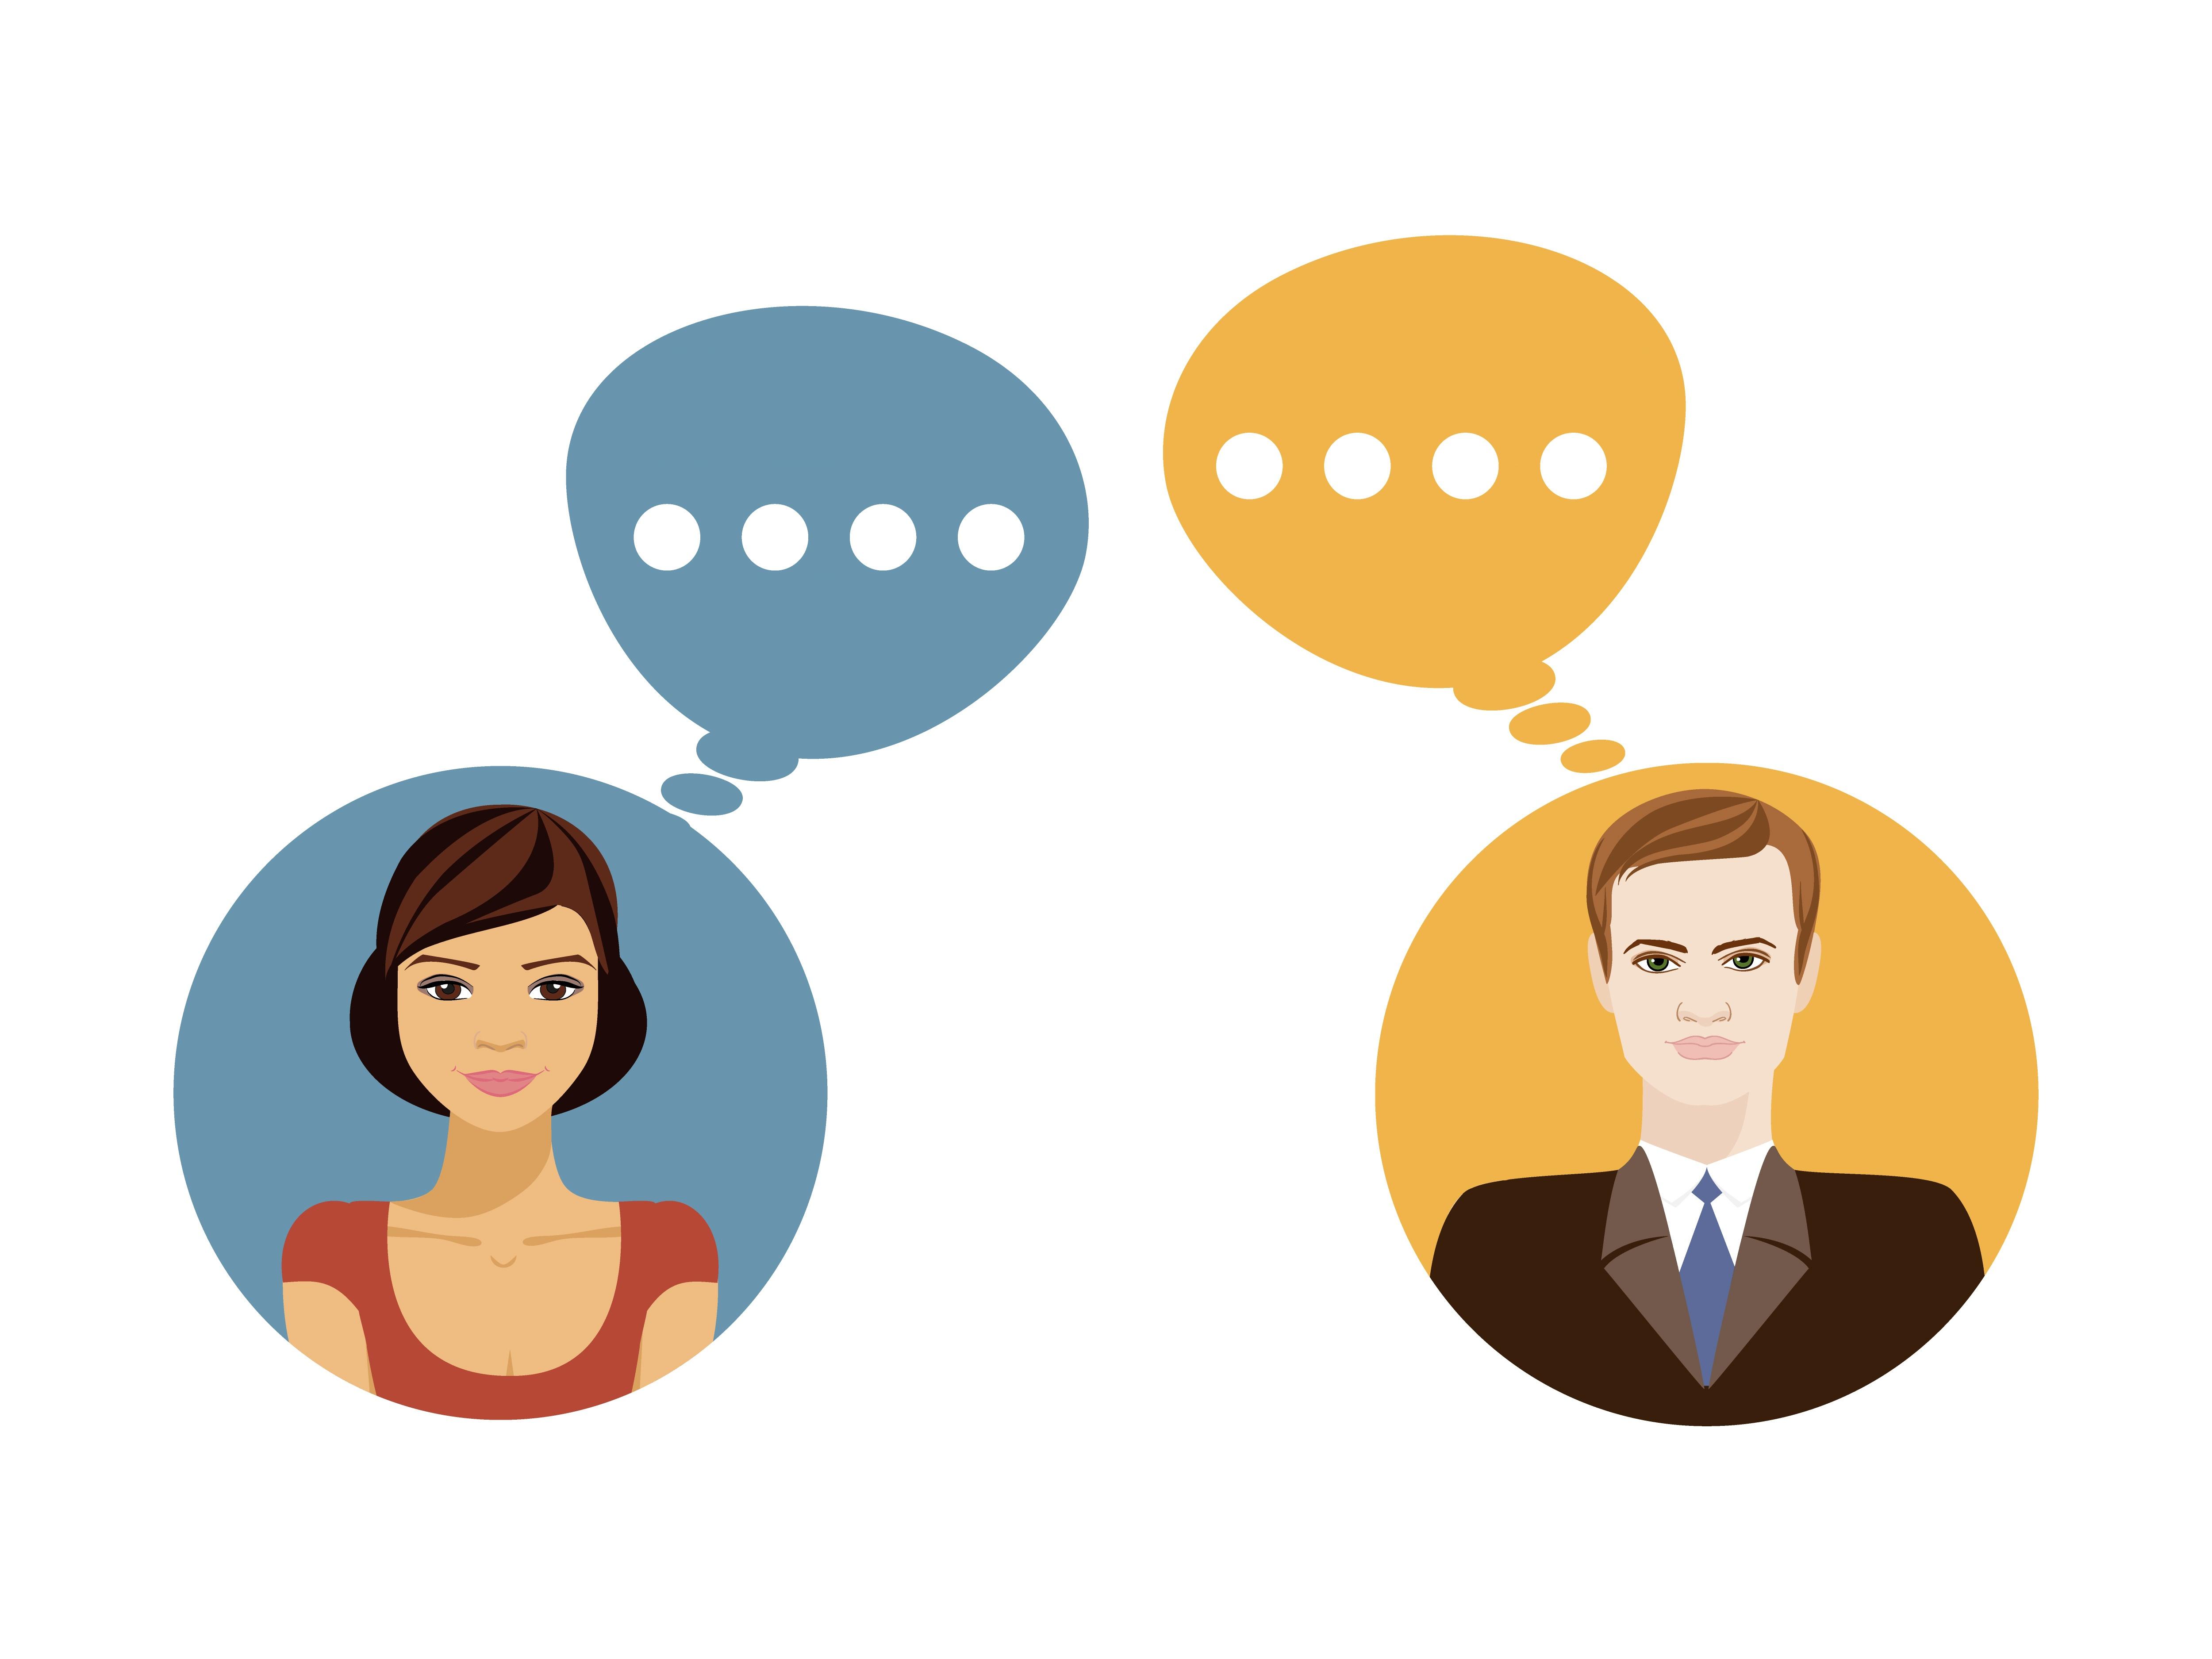 criar personas para o seu e-commerce